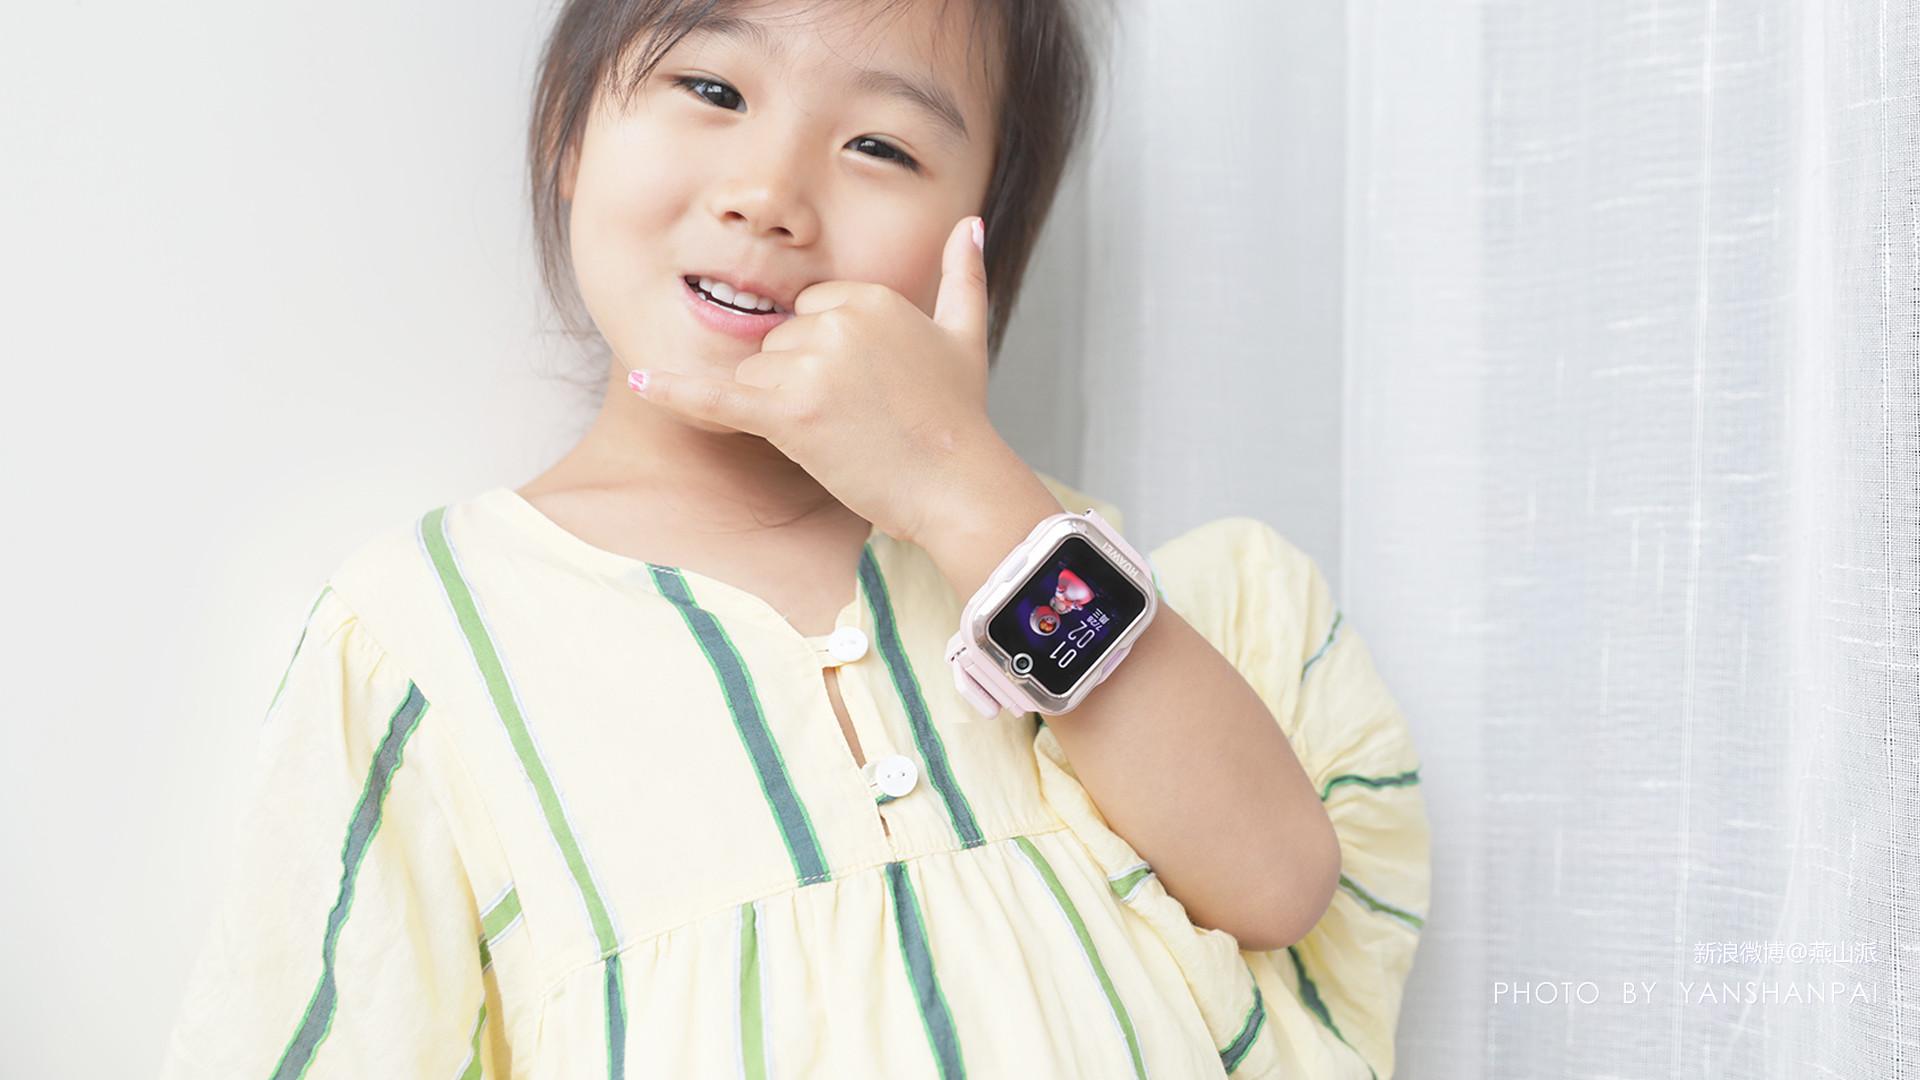 华为P50发布为何让一名父亲倍感惊喜?华为儿童手表4 Pro评测有感